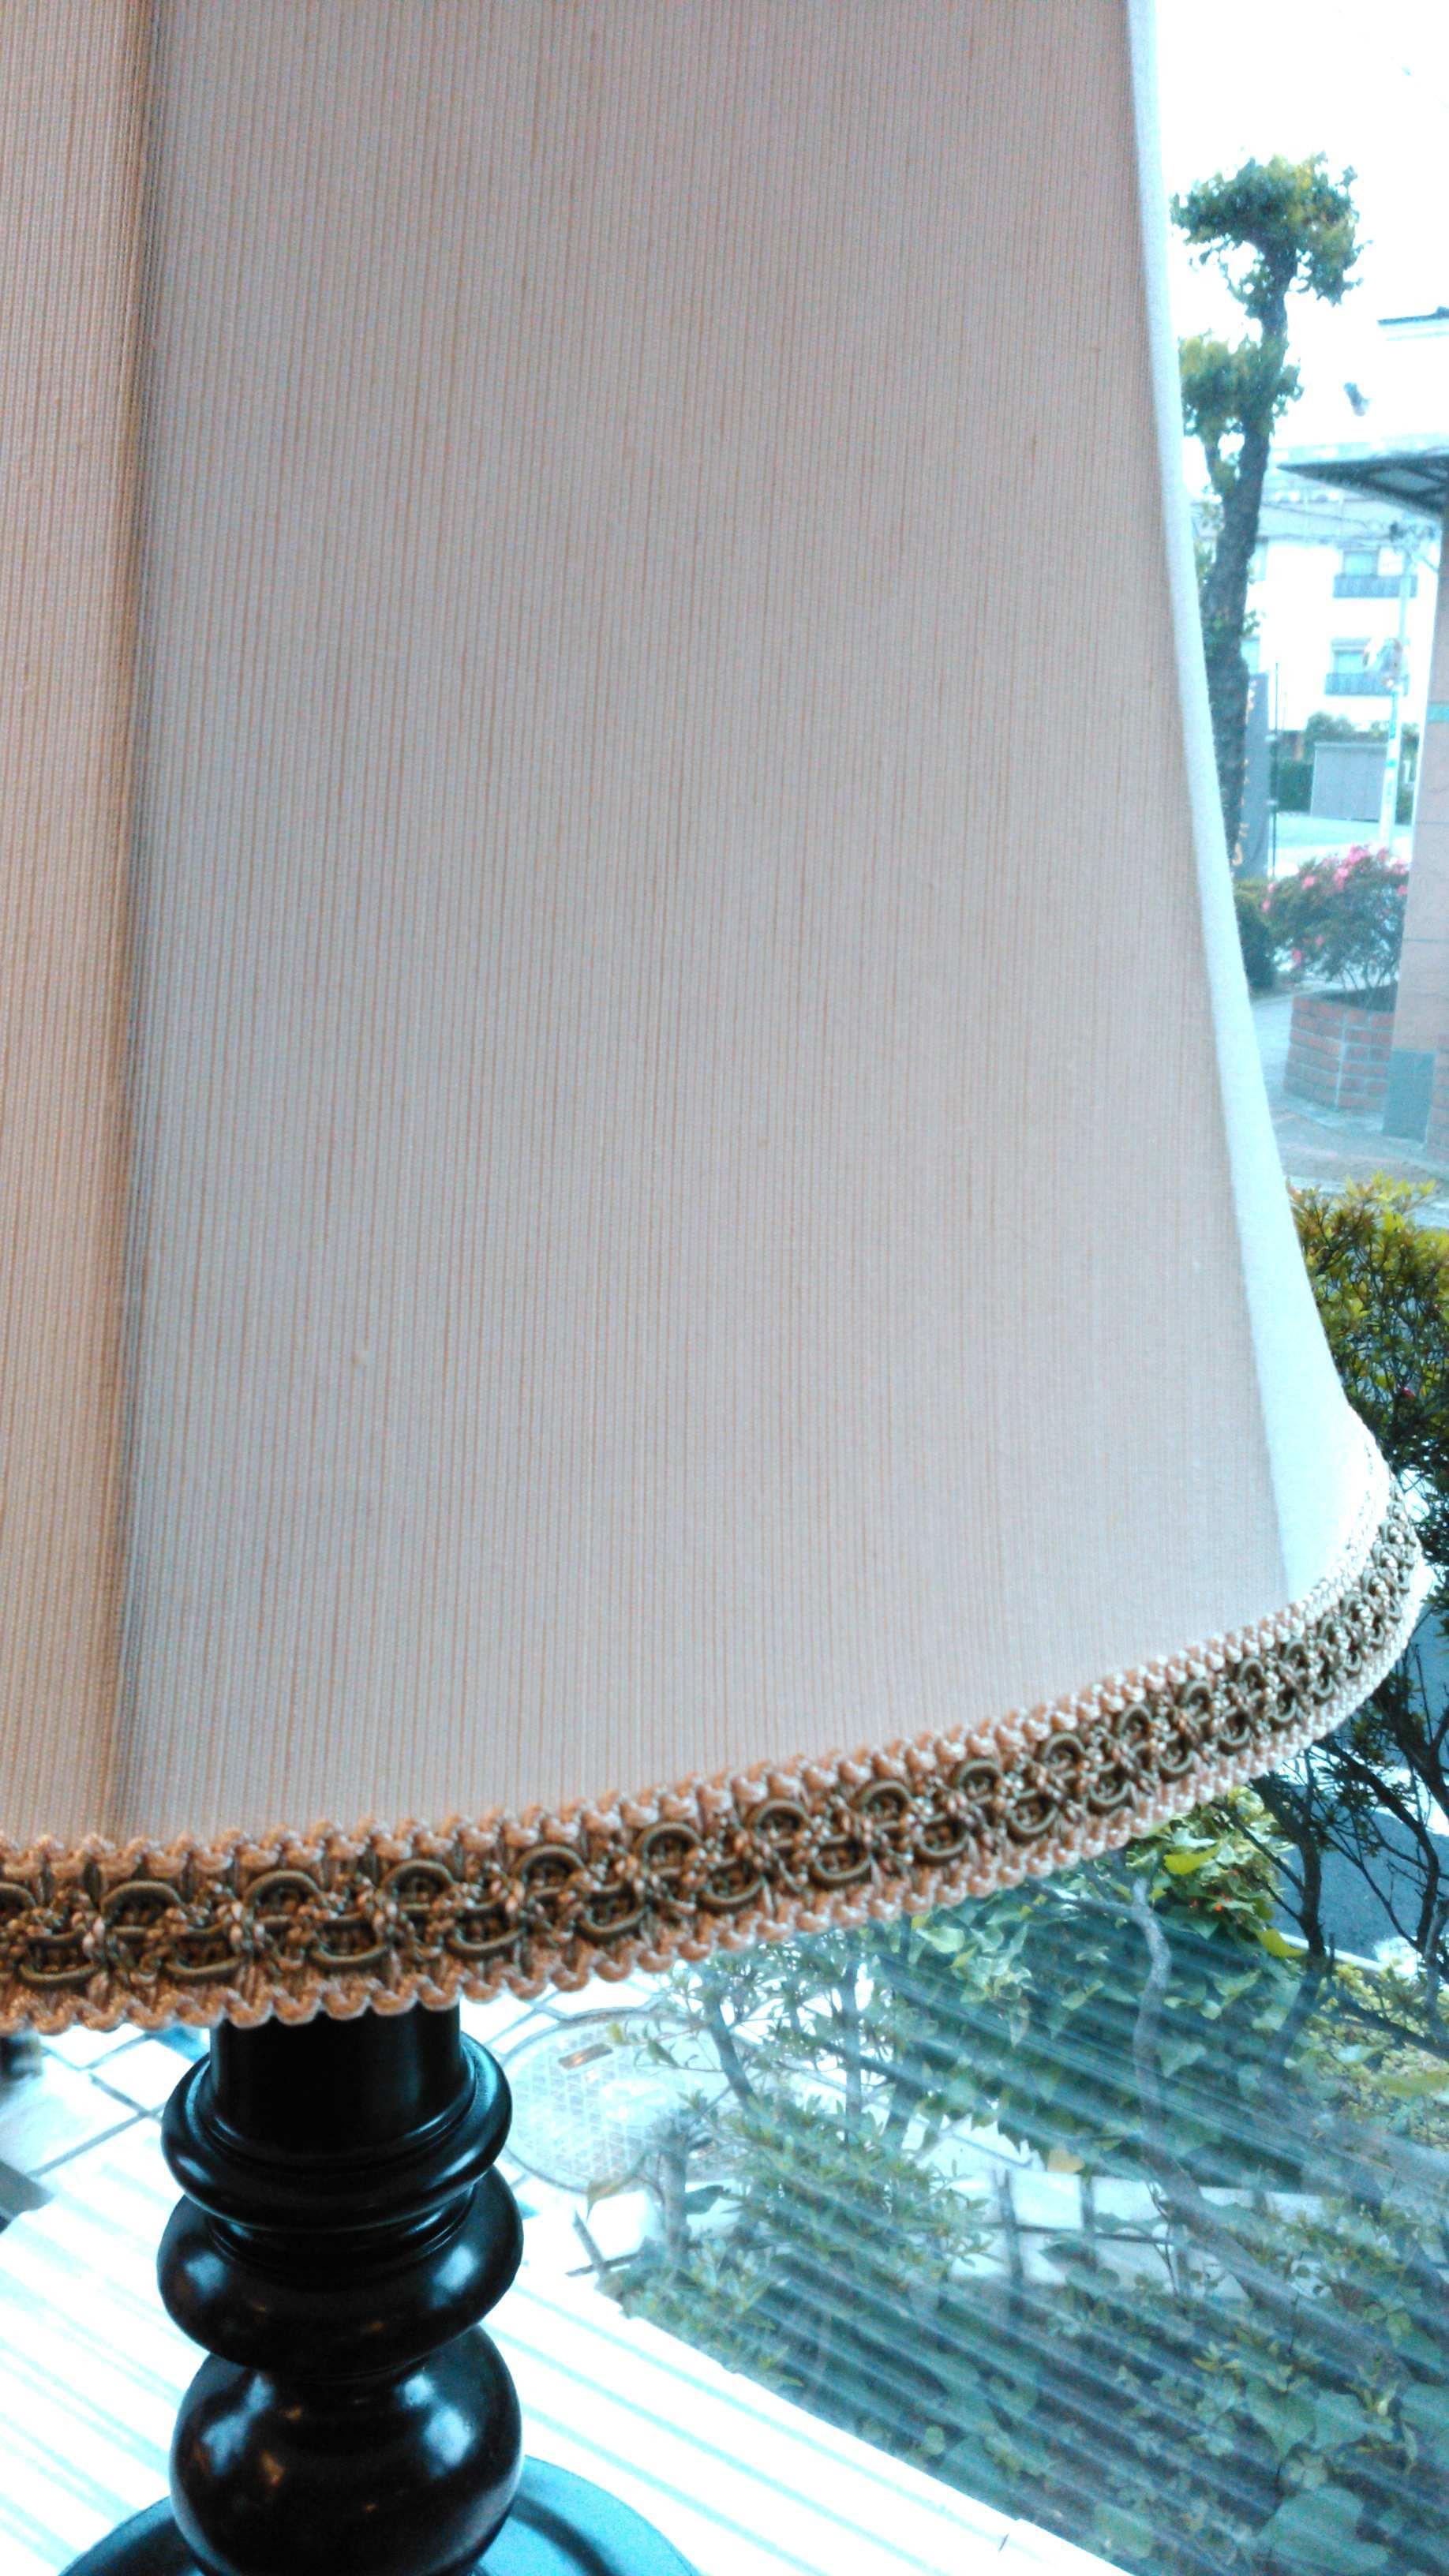 ランプシェード 張替 ウィリアムモリス正規販売店のブライト_c0157866_18571070.jpg